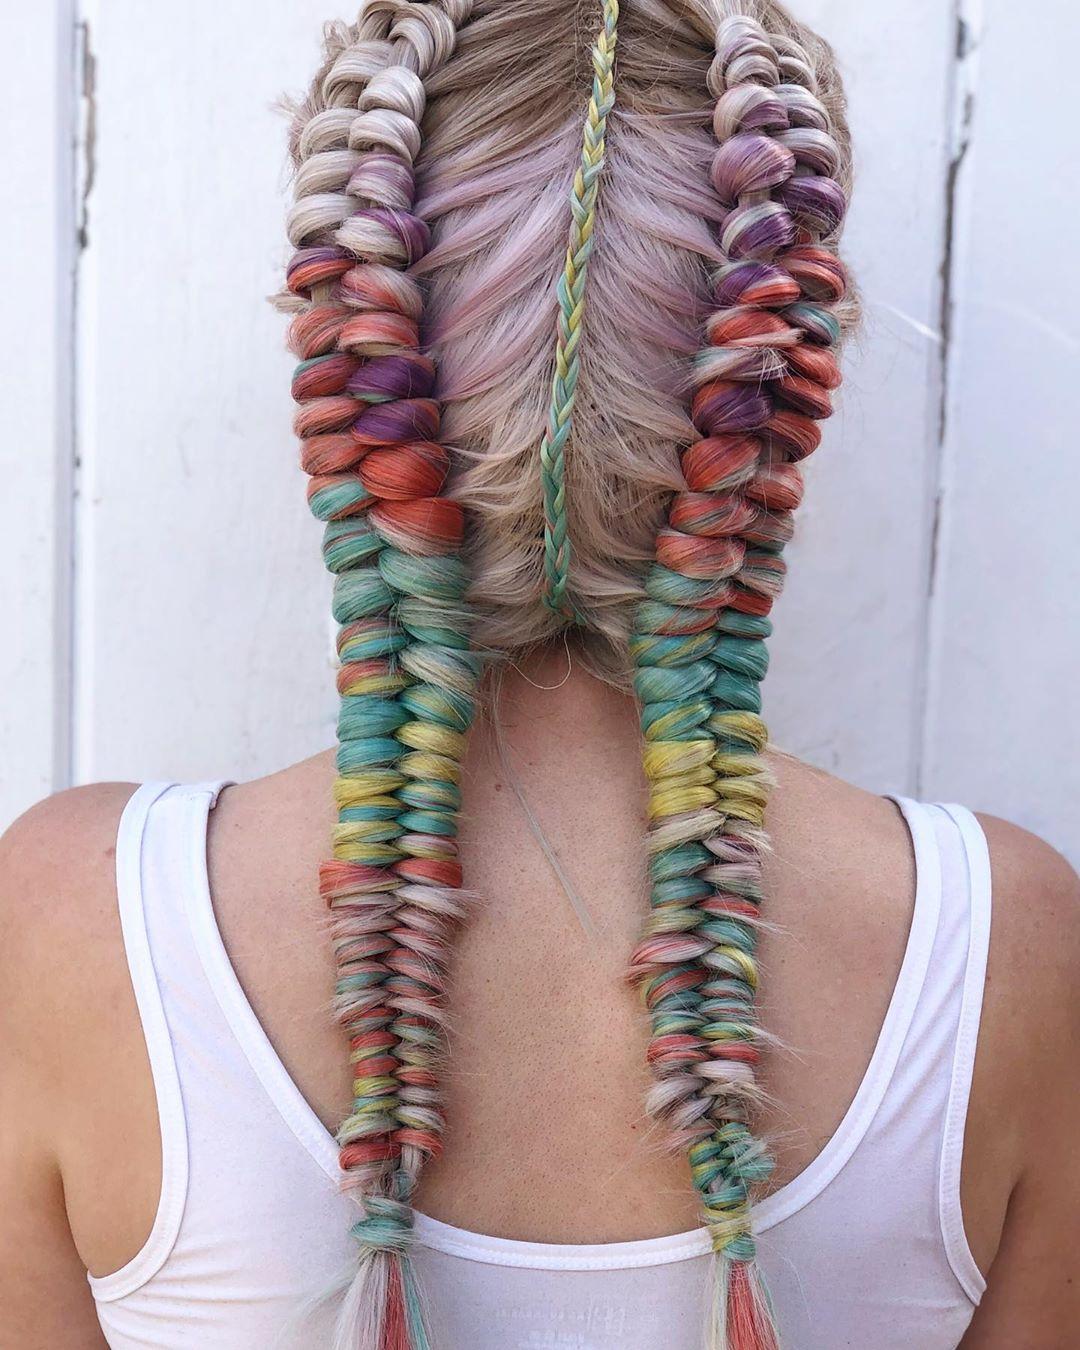 trecce multicolore